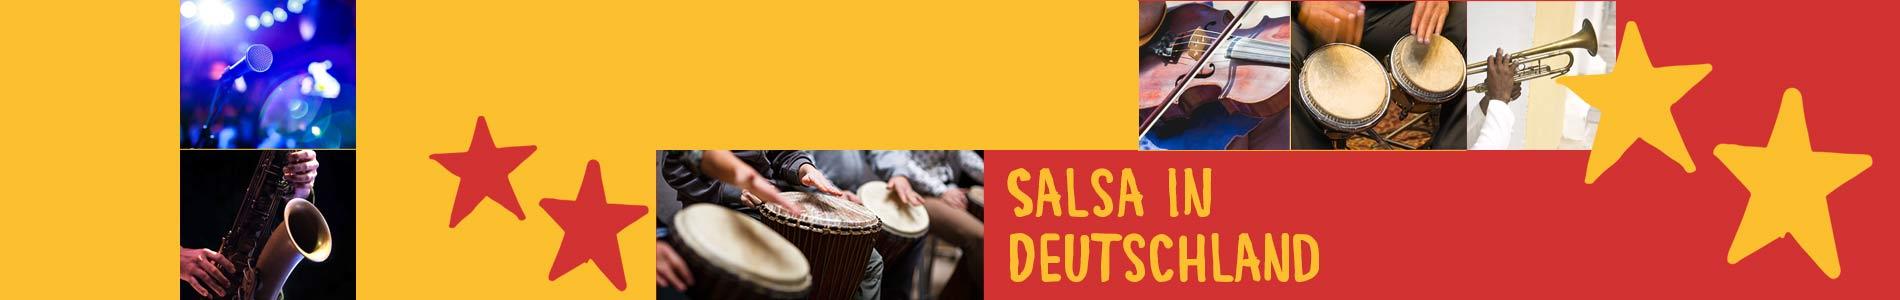 Salsa in Bordesholm – Salsa lernen und tanzen, Tanzkurse, Partys, Veranstaltungen